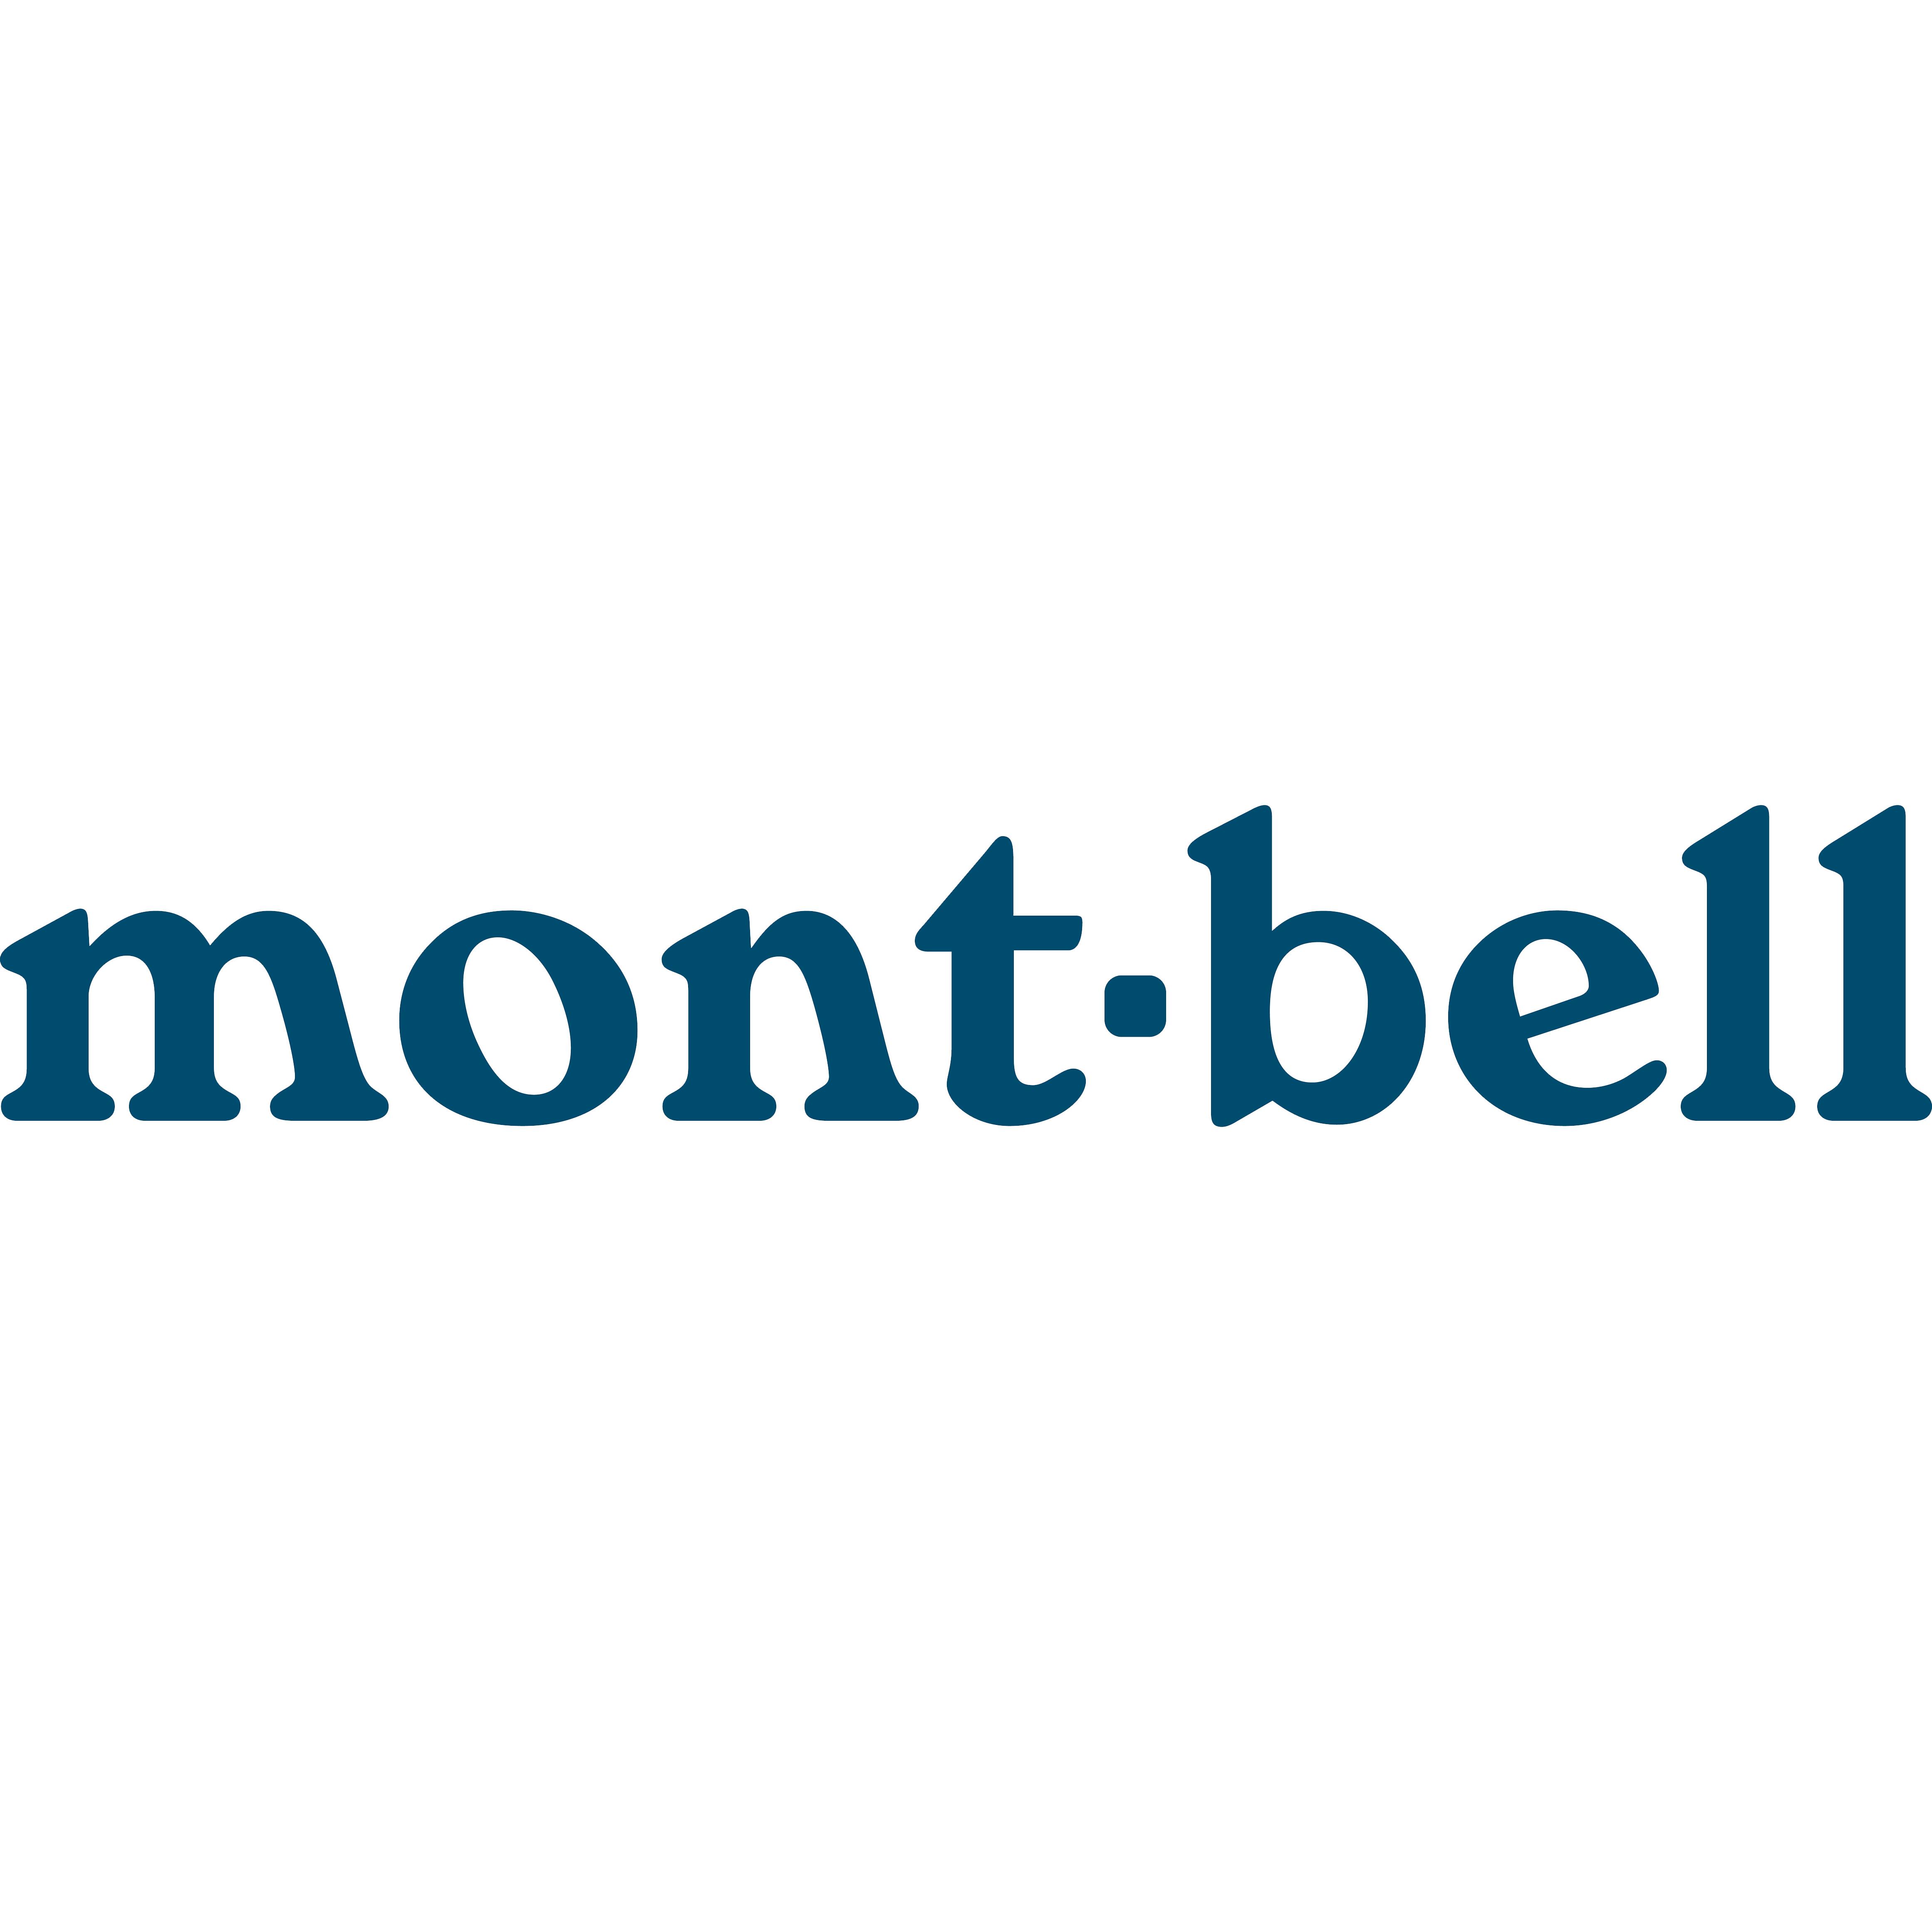 montbell-logo